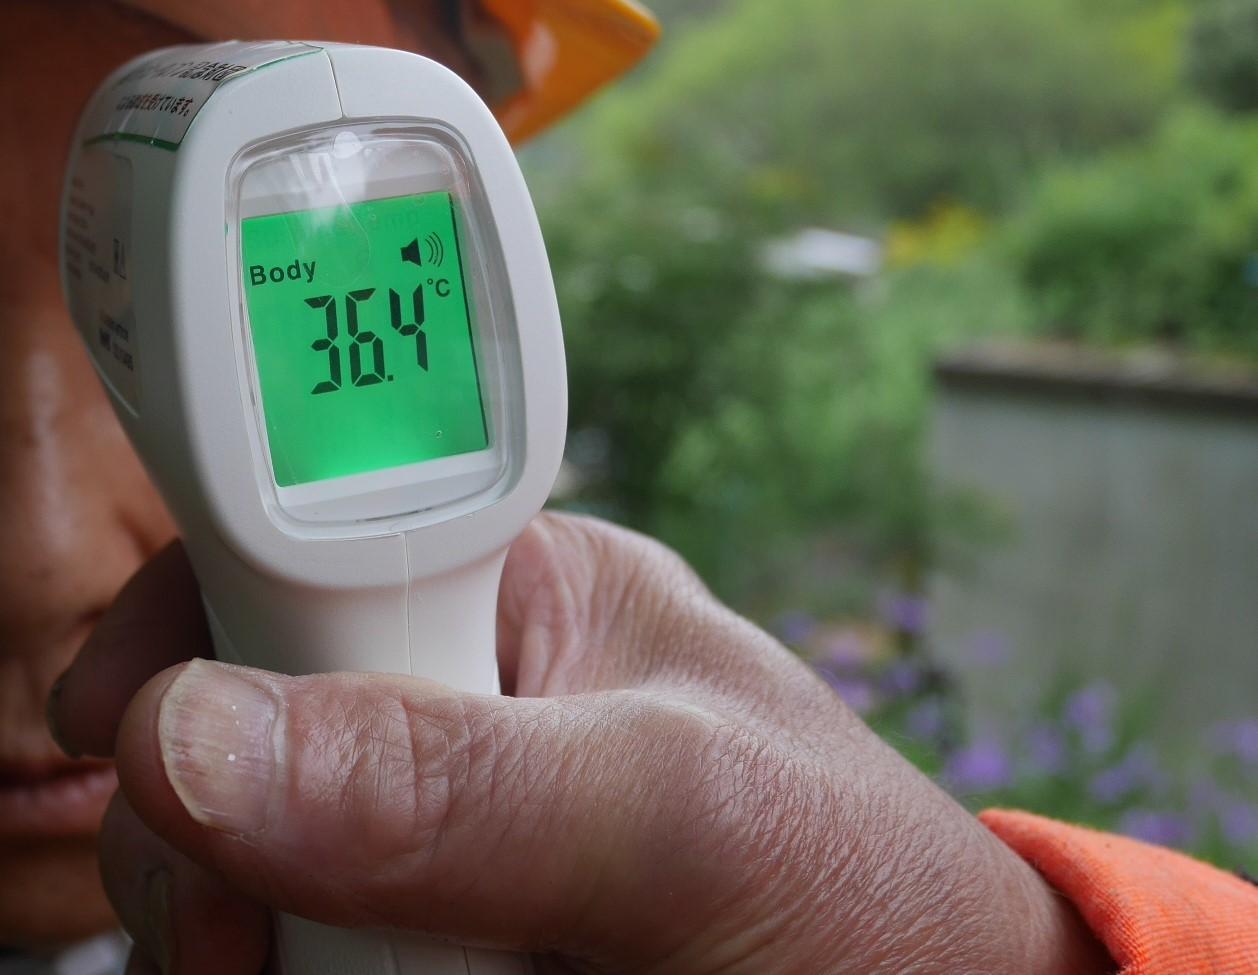 コロナ禍、感染防止で非接触型体温計と消毒液購入_c0014967_15453846.jpg